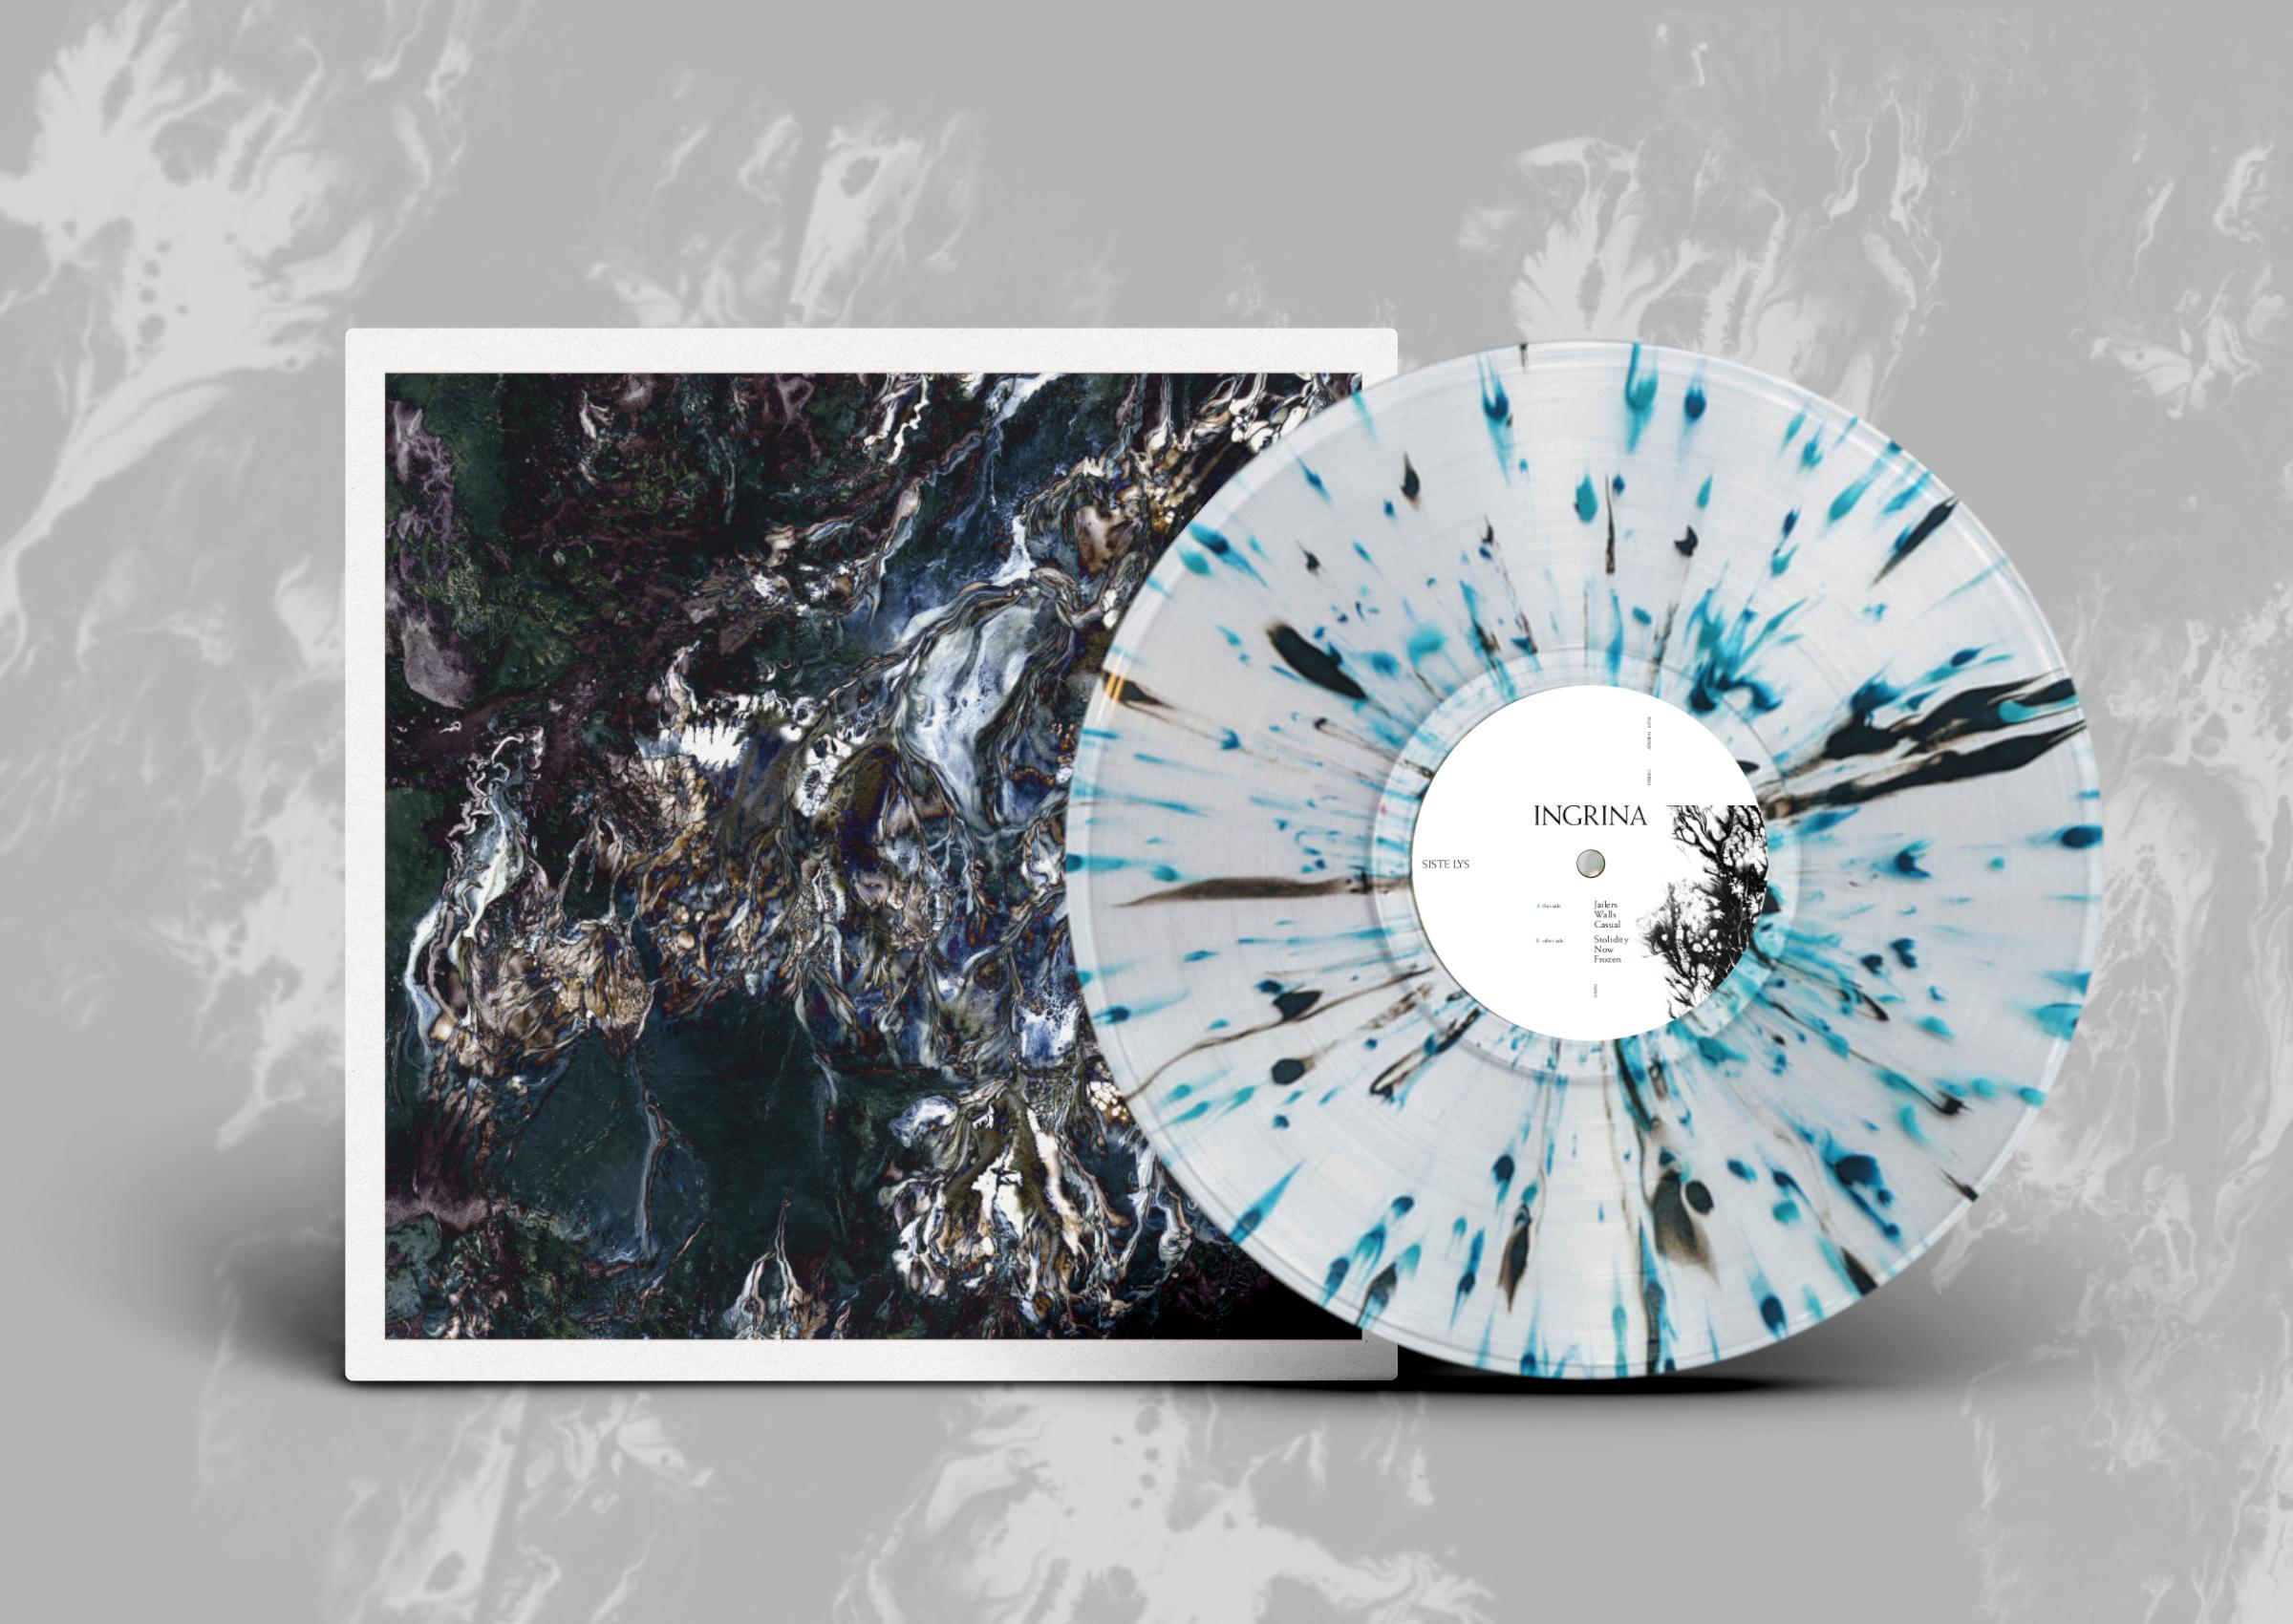 Ingrina - Siste Lys - LP